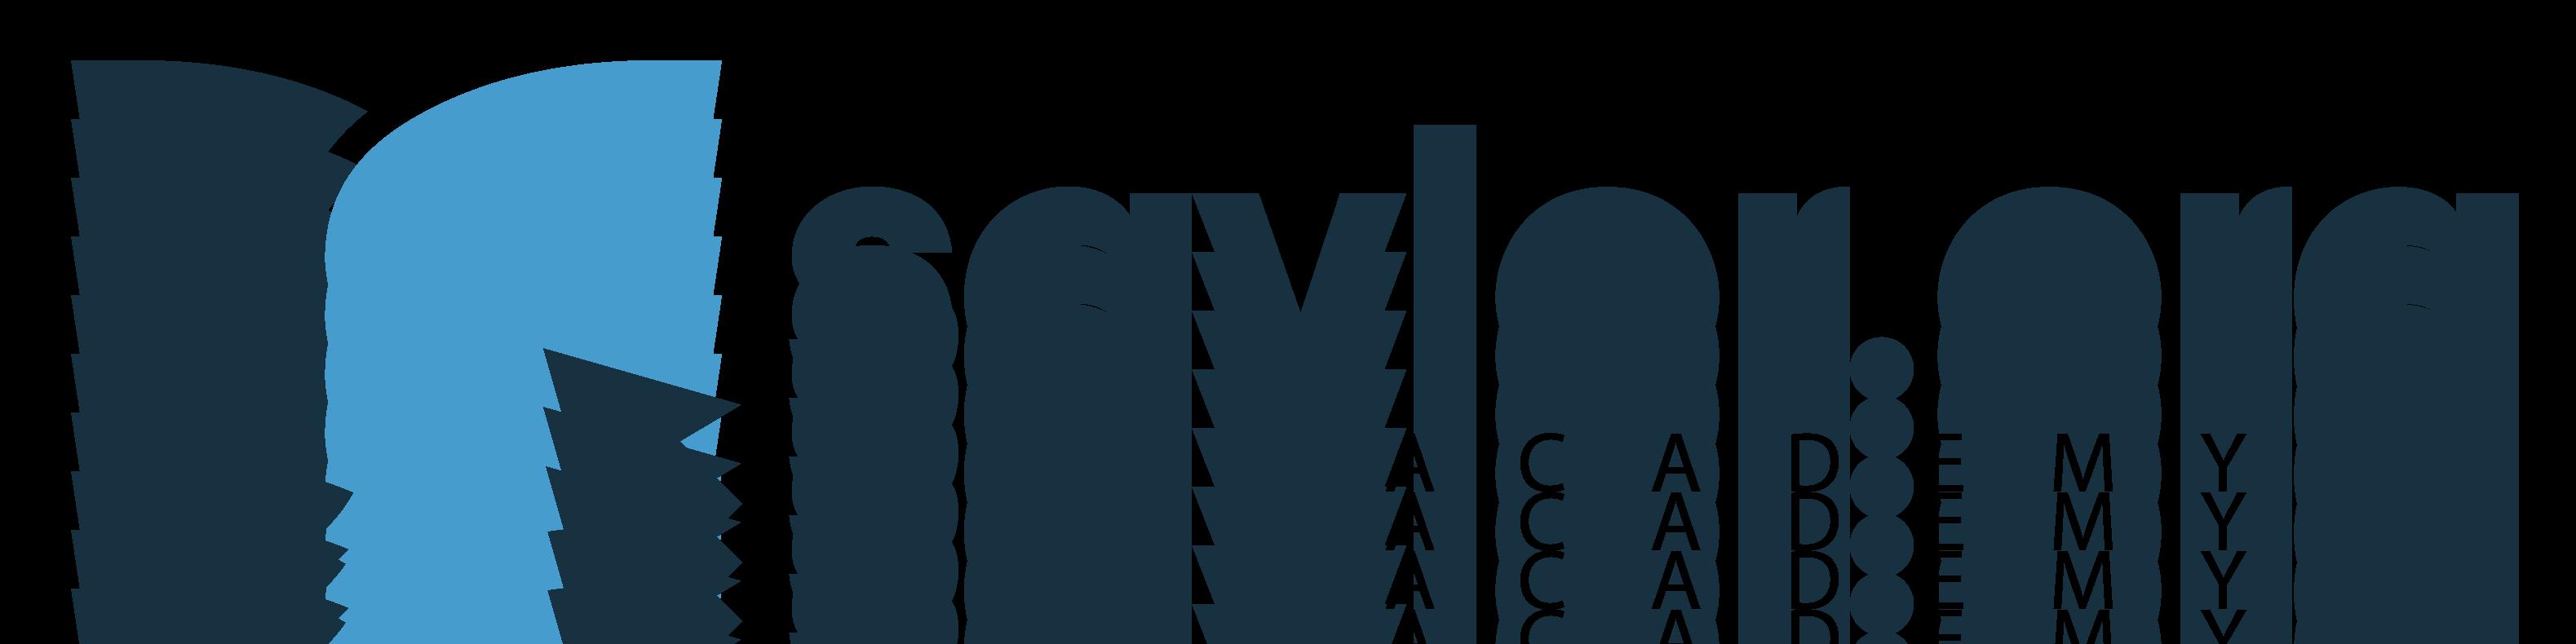 Saylor Academy